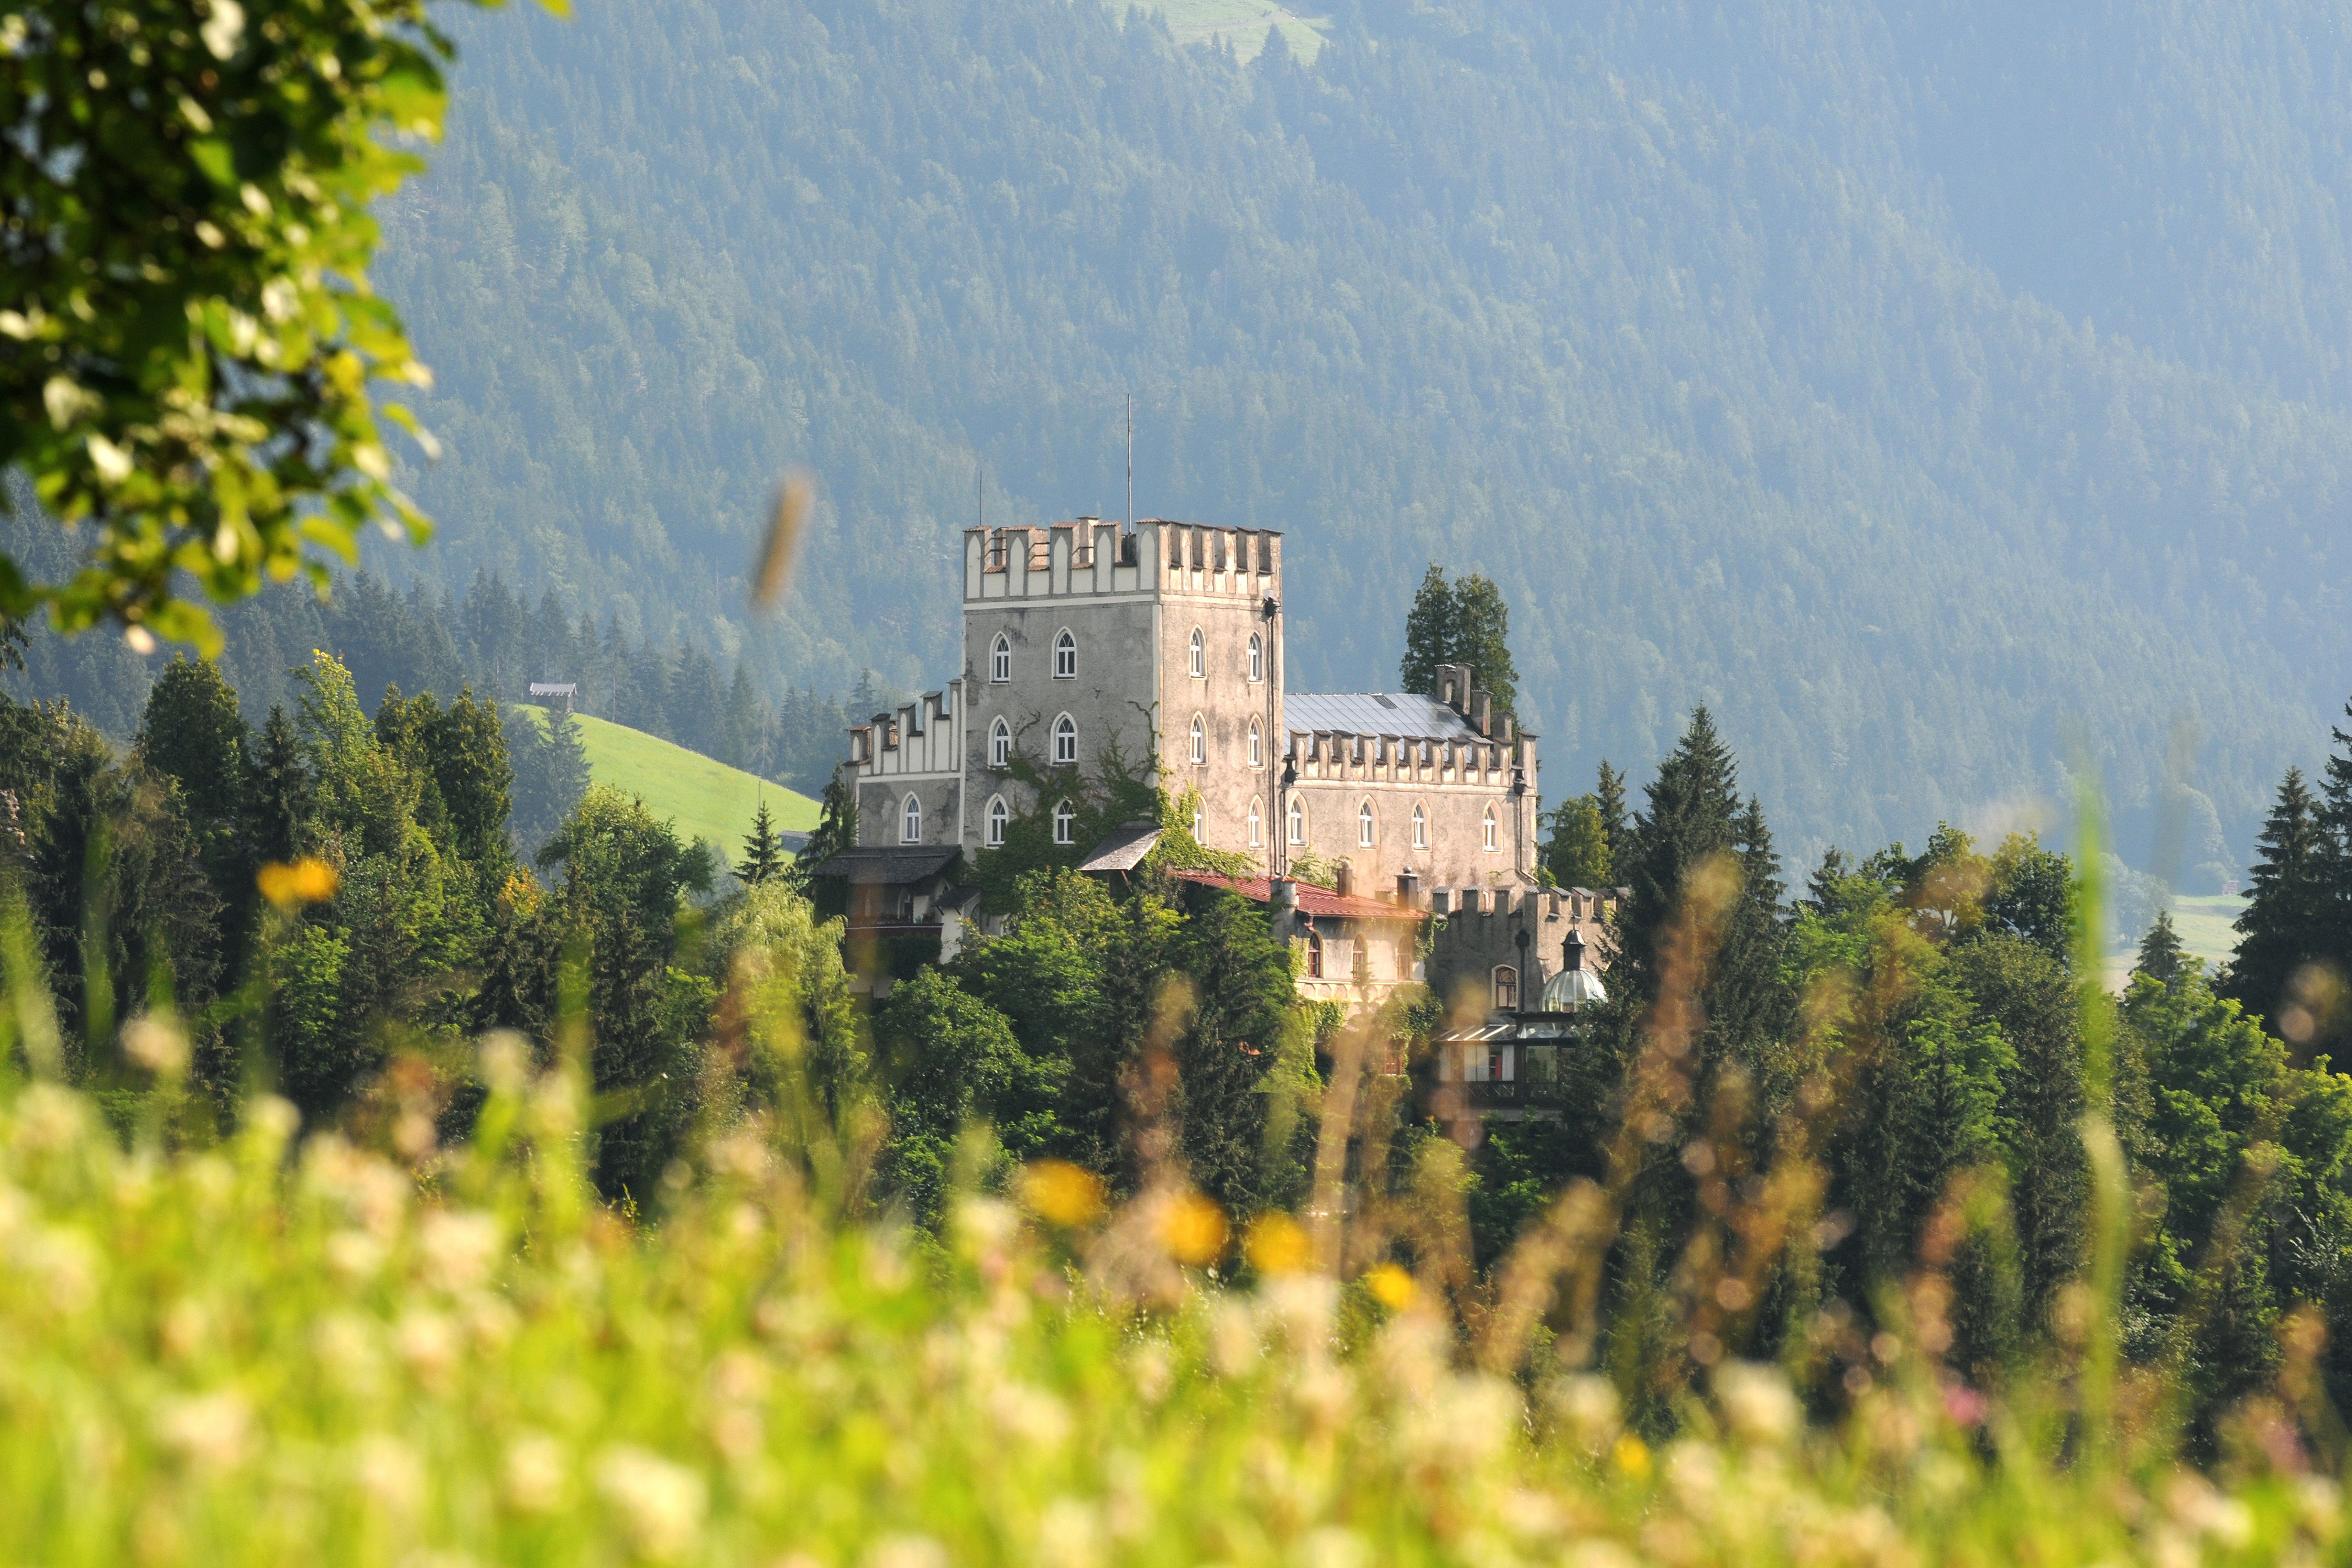 Schloss Itter'><br><i>Schloss Itter (Foto: © Stefan Astner)</i></p>  <h2>Tips in Itter</h2> <p> - Aan de rand van Itter, aan de Brixentaler Straße, ligt Terrassencamping Schlossberg Itter. De camping is tegen de berg opgebouwd en biedt uitzichten op de omringende bergwereld en Schloss Itter. Er is een zwembad, saunacomplex en restaurant met terras aanwezig.<br> - Tijdens een vakantie in Itter kun u de <a href=